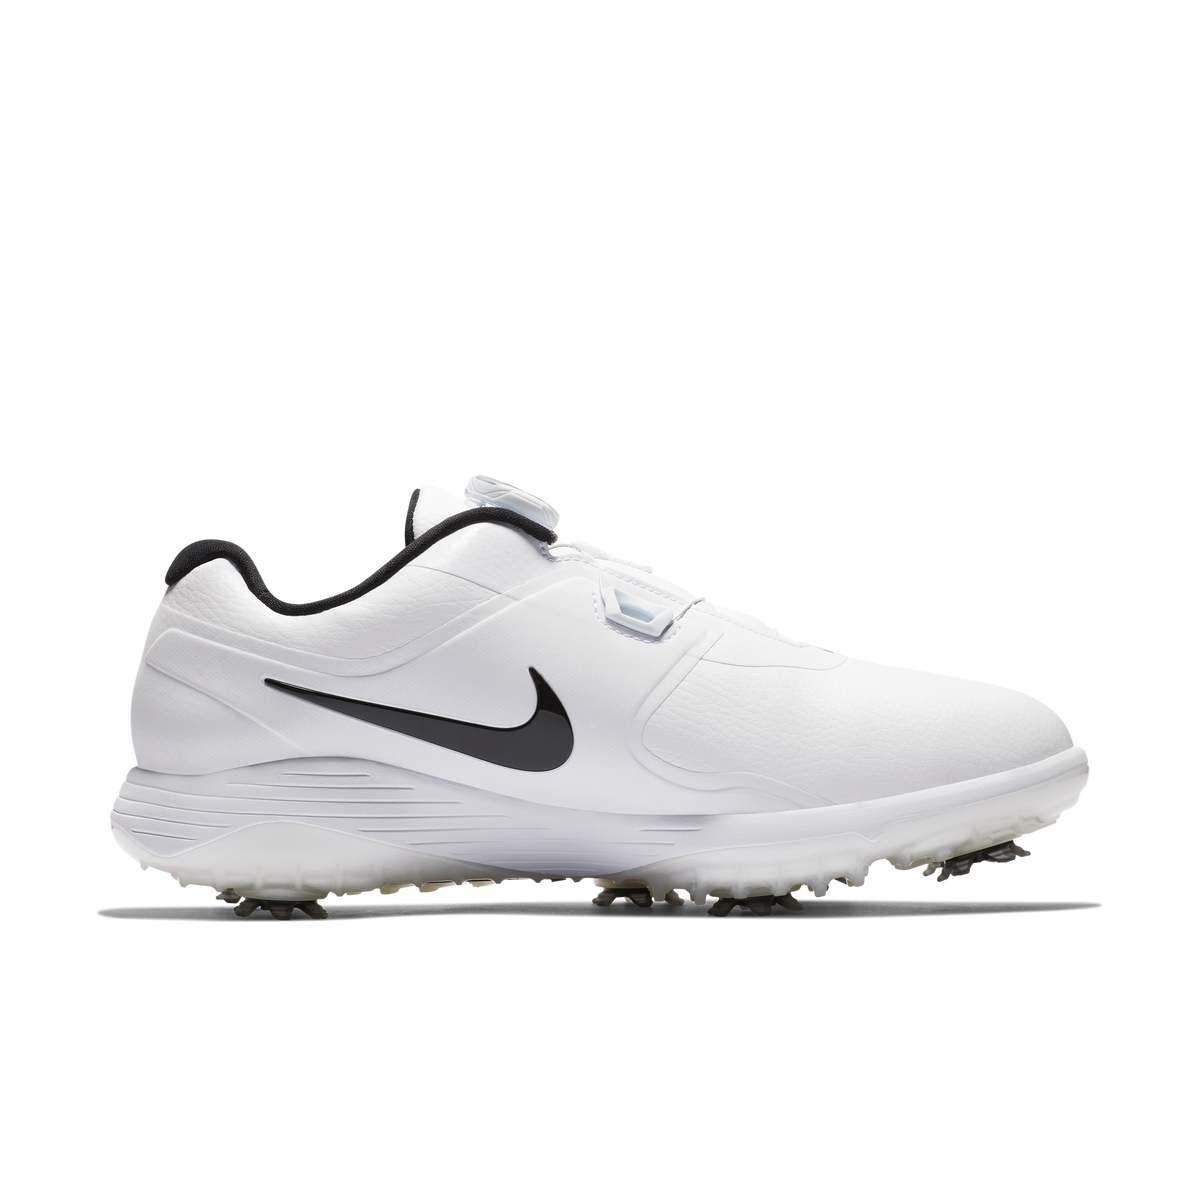 official photos 15a01 de1a7 Nike Vapor Pro BOA Mens Golf Shoe - WhiteBlackPGA TOUR Super